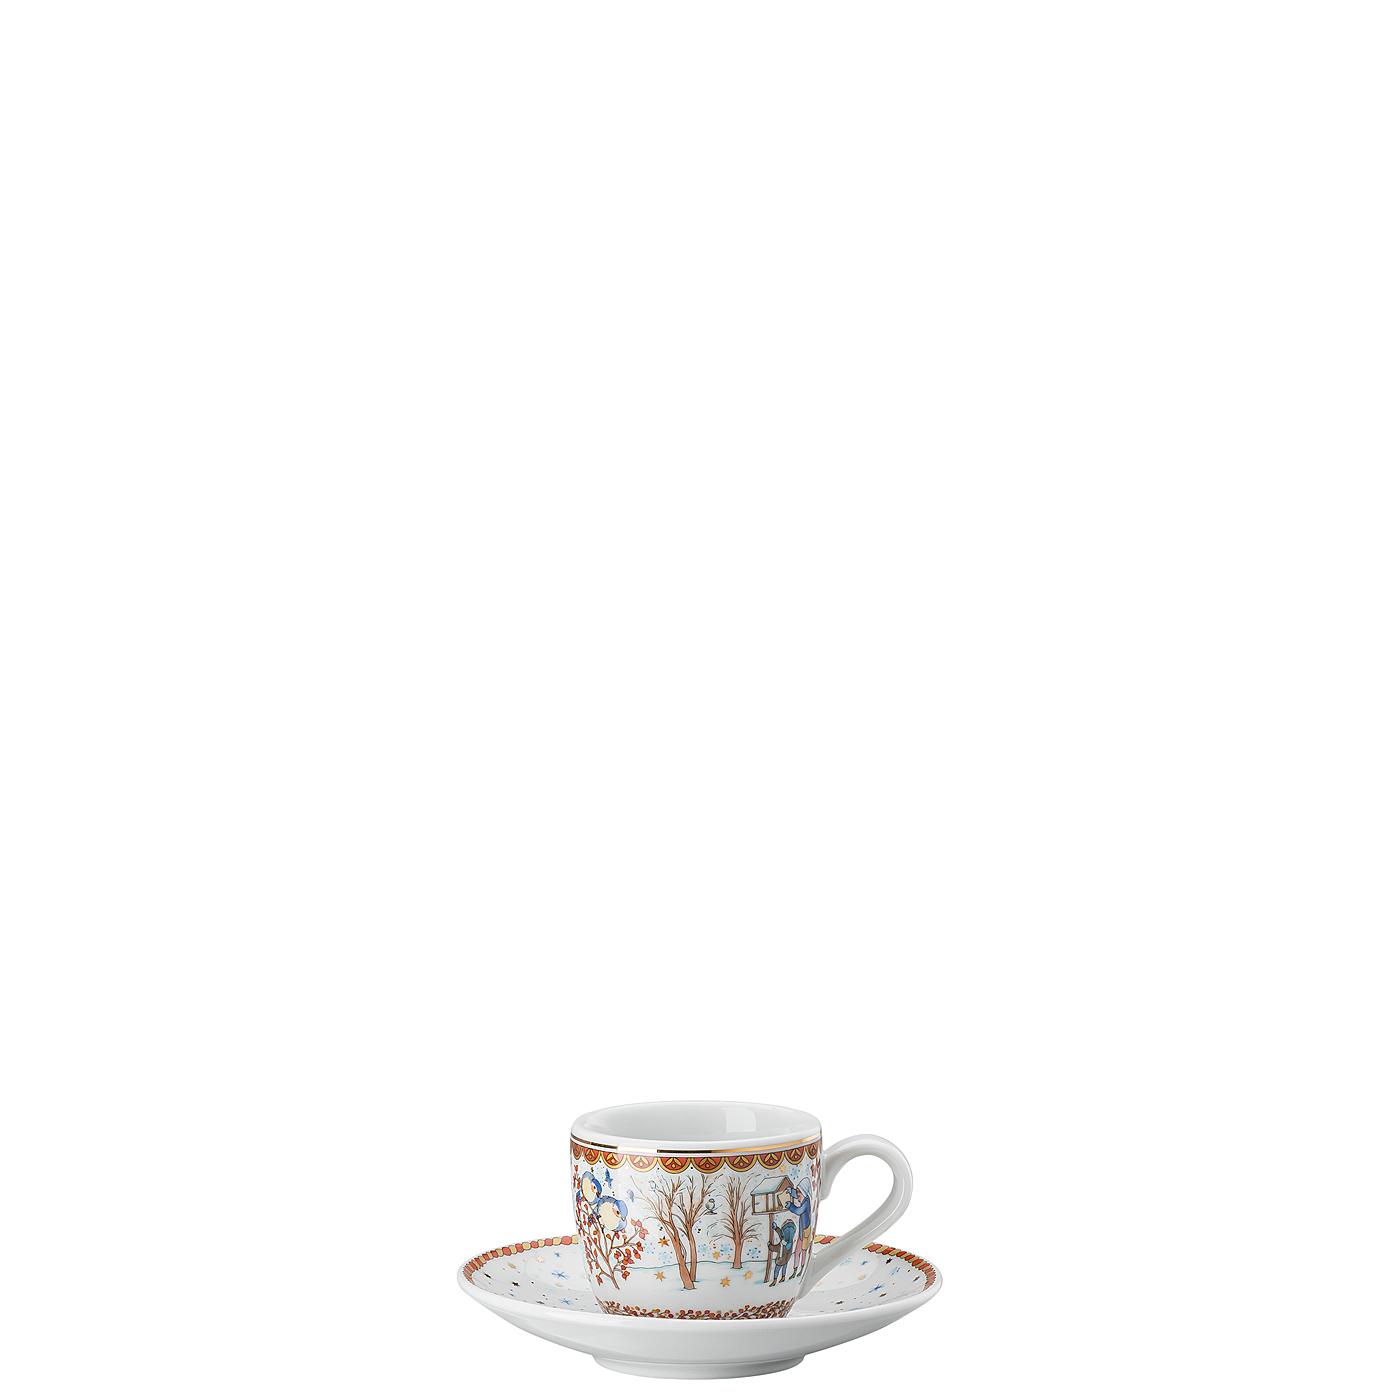 Espressotasse 2-tlg. Sammelkollektion 21 Weihnachtsgaben Hutschenreuther